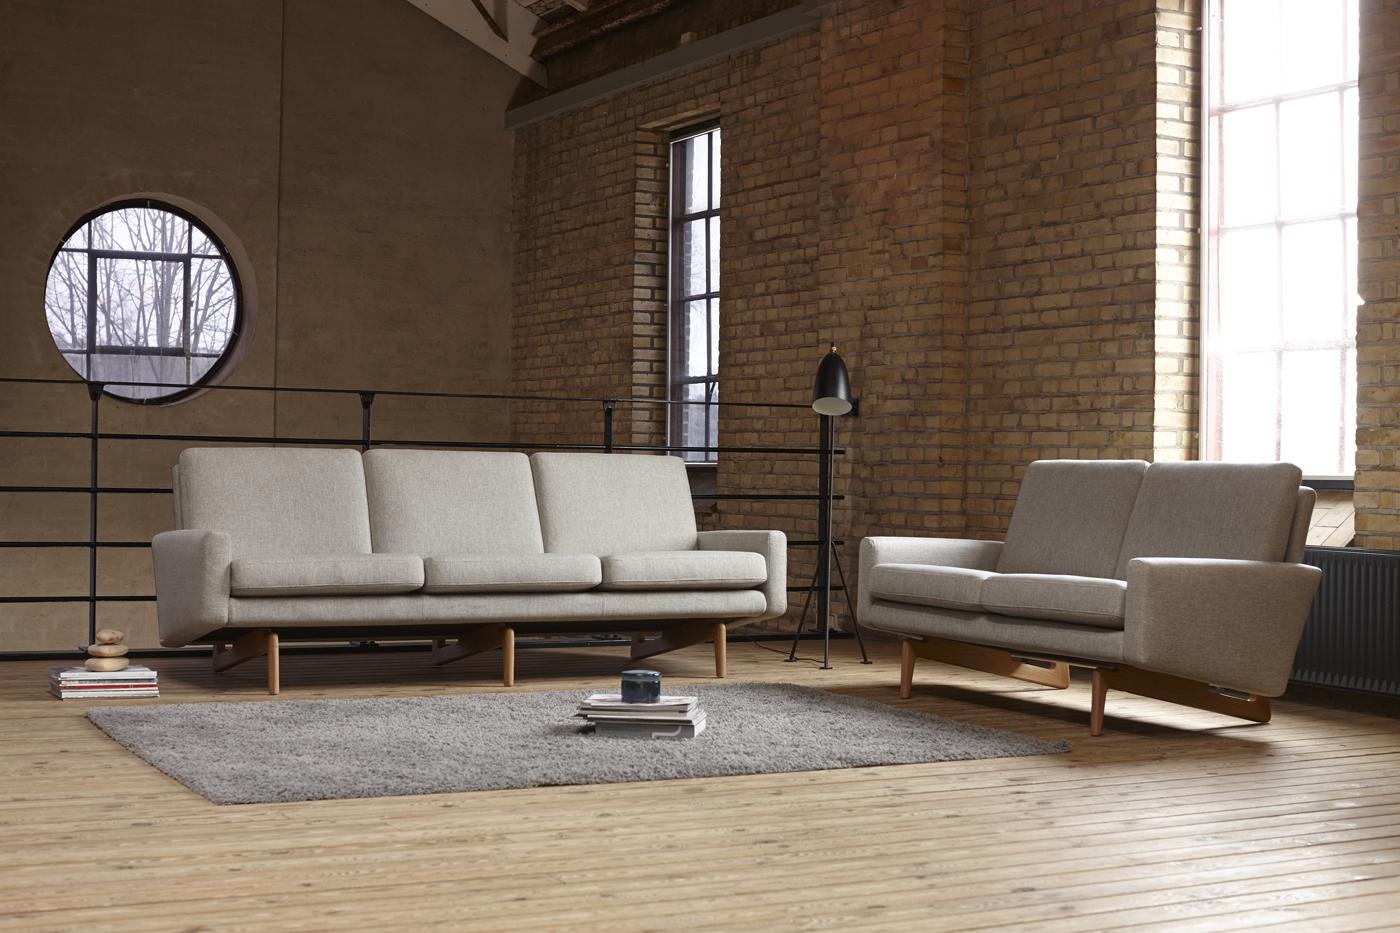 Sofa Egsmark - Sofá de elegante diseño. Características modernas en formas clásicas y encantadoras